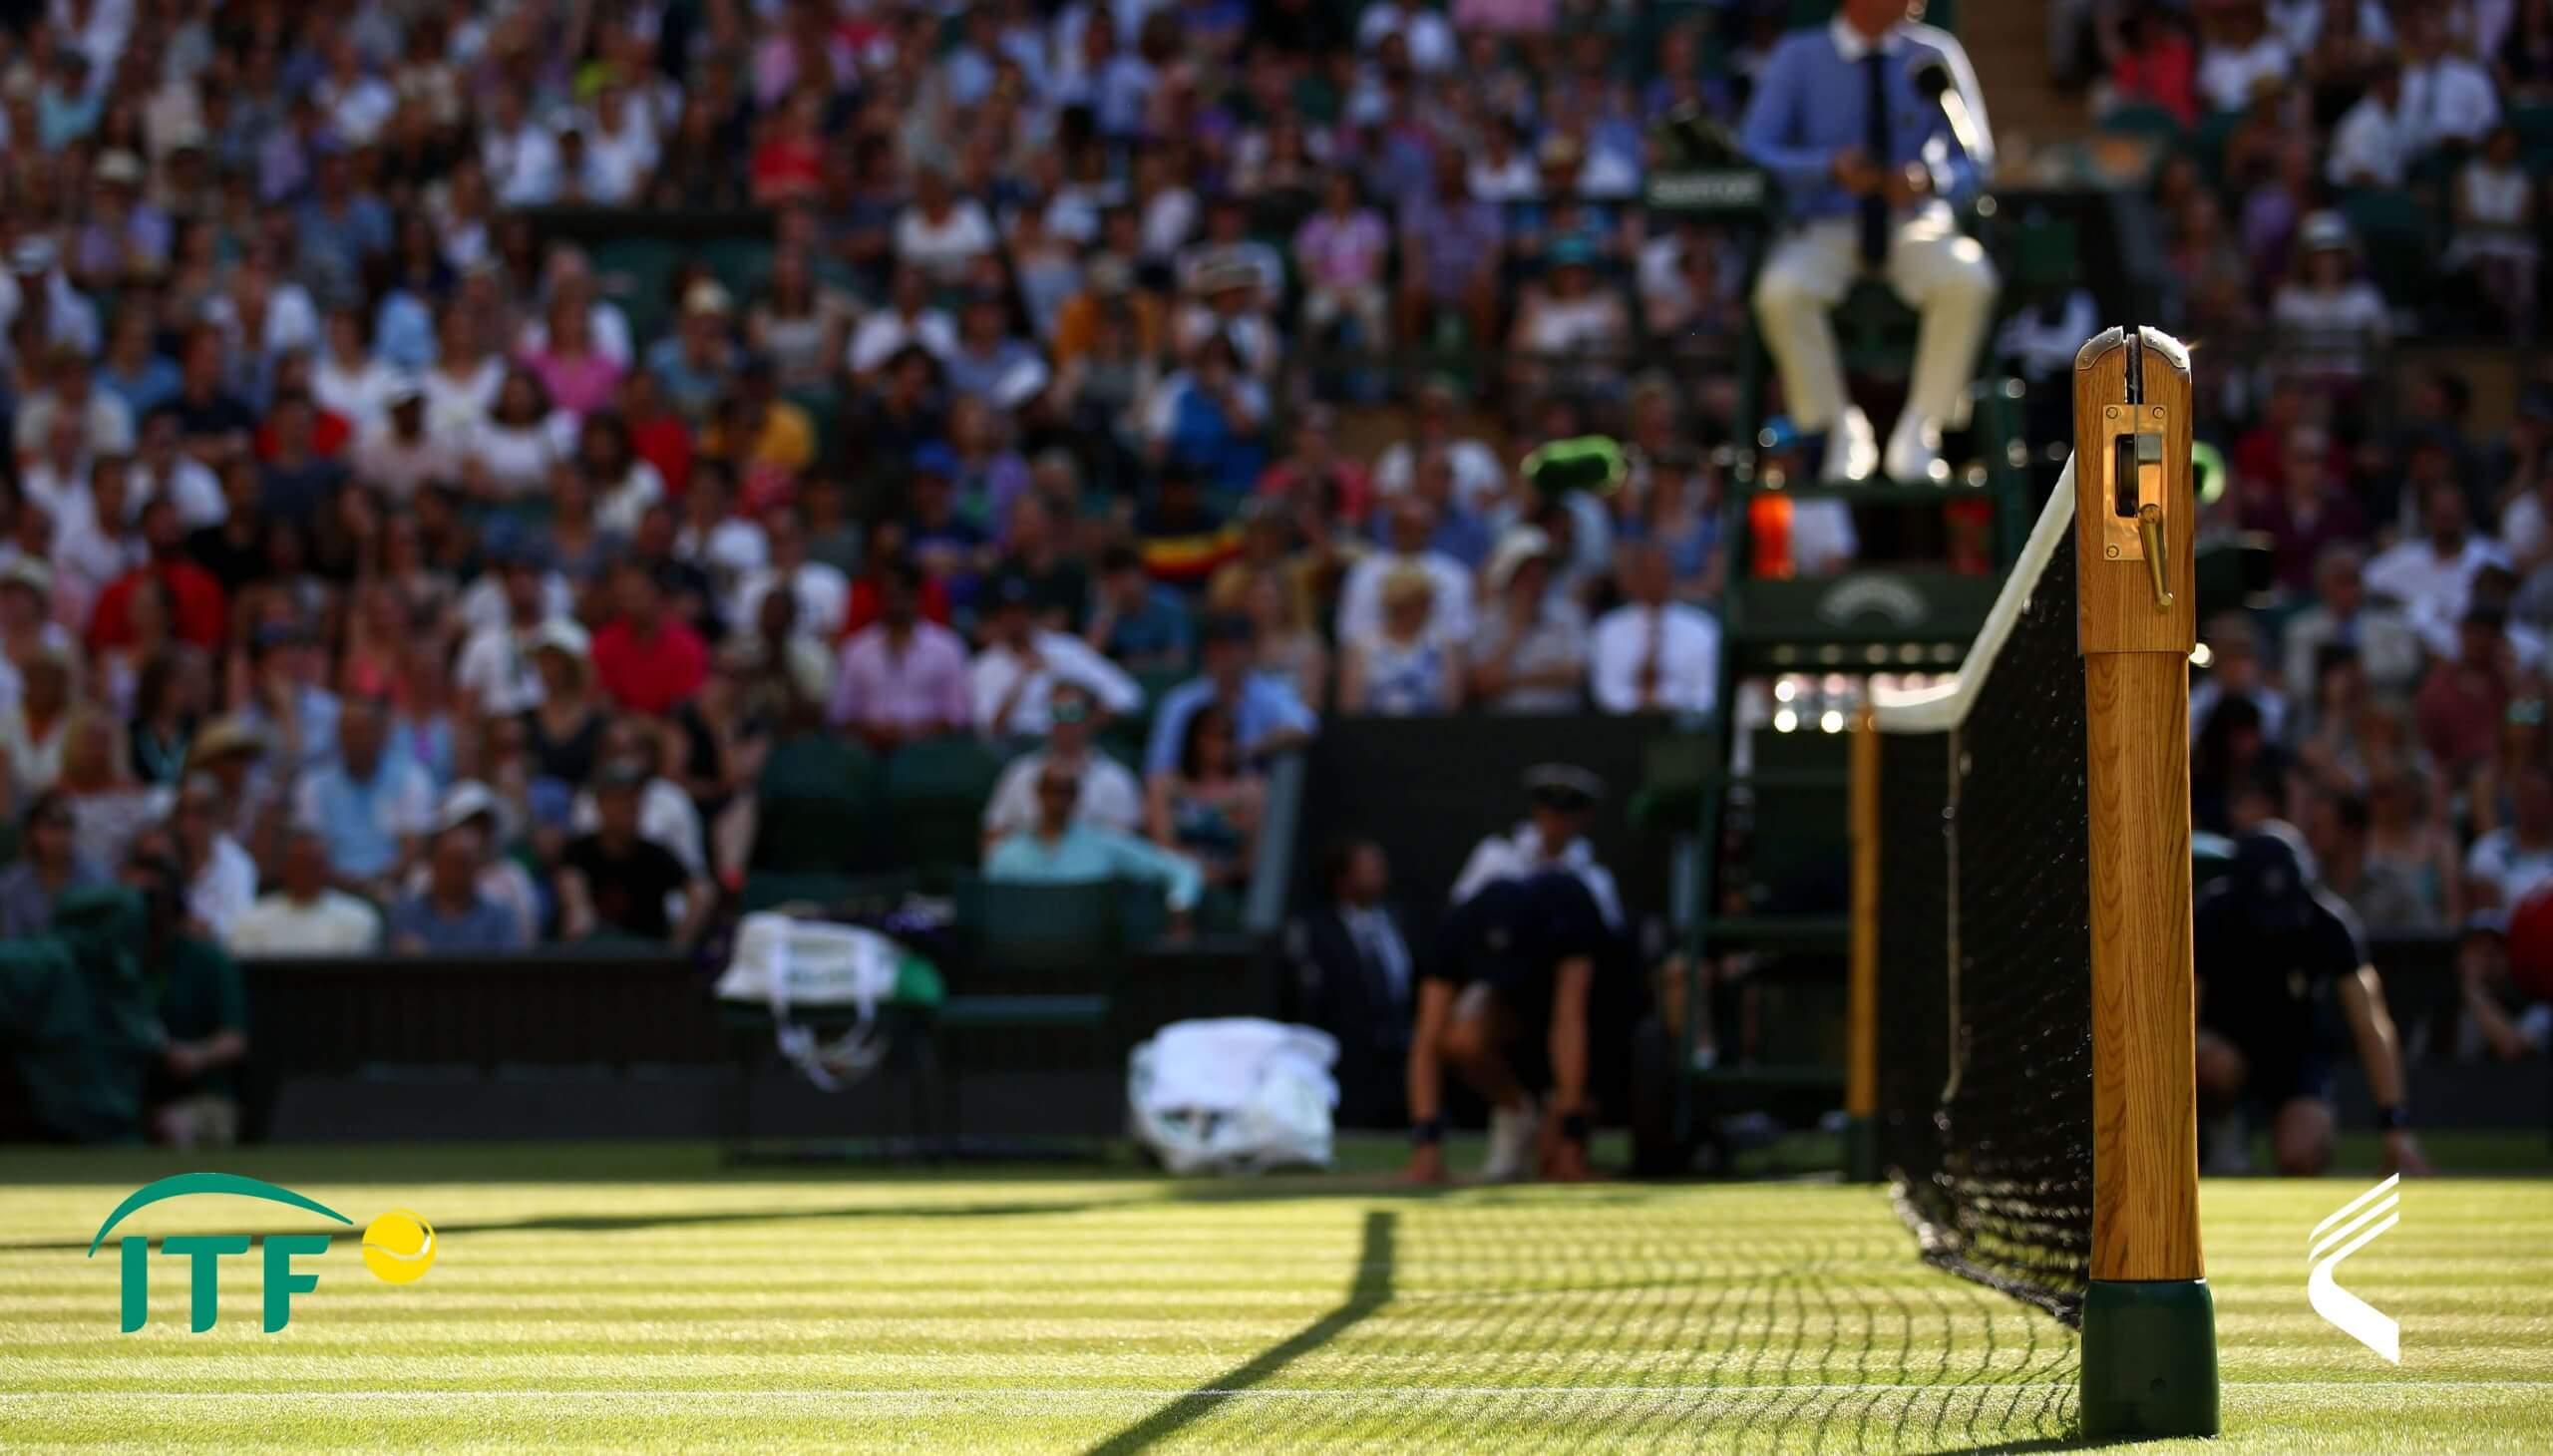 网球 - 认可技术